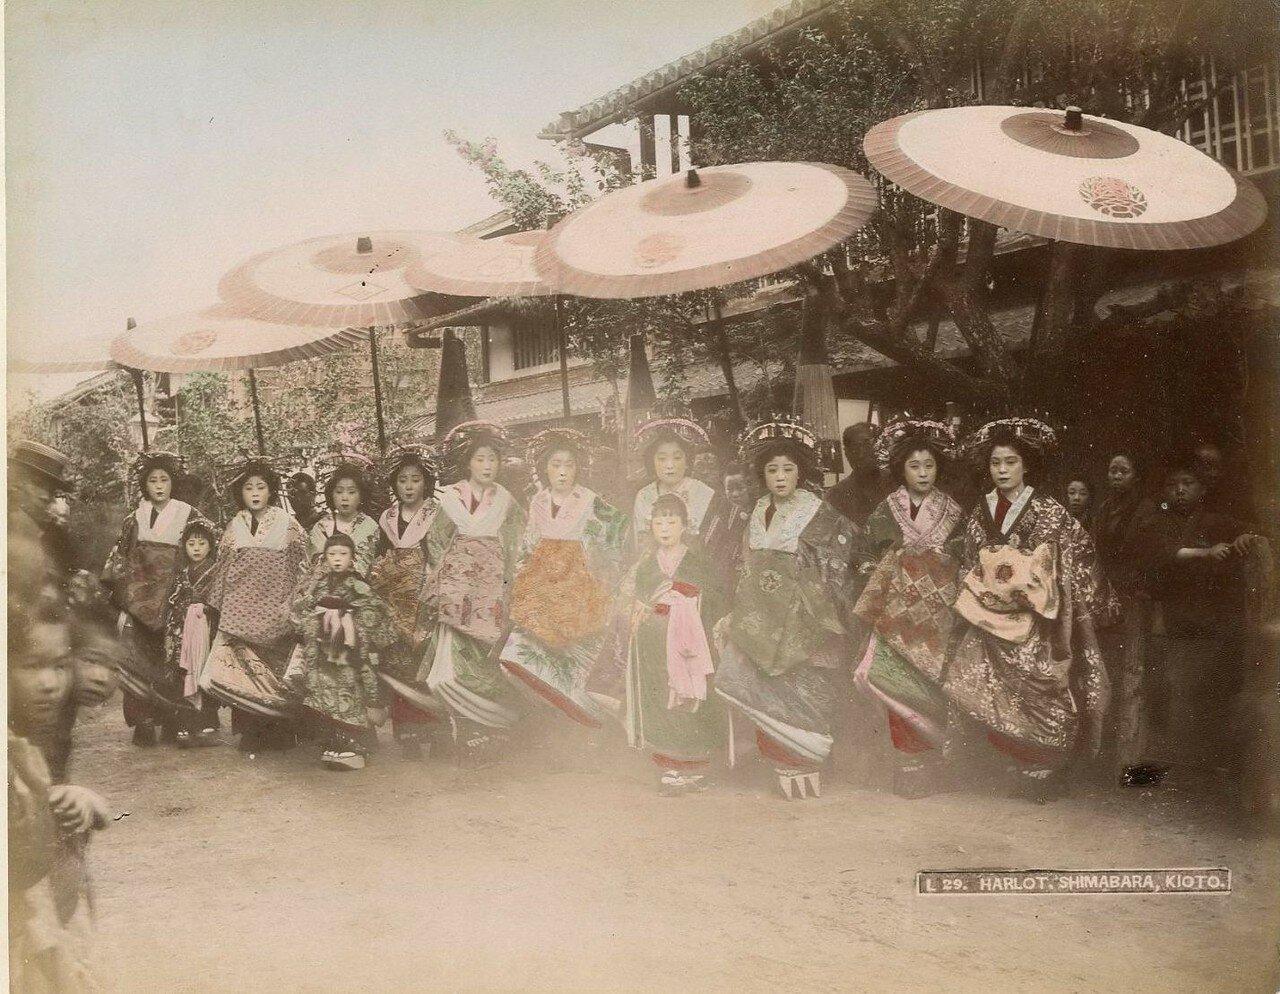 Киото.  Проститутки из Симабары